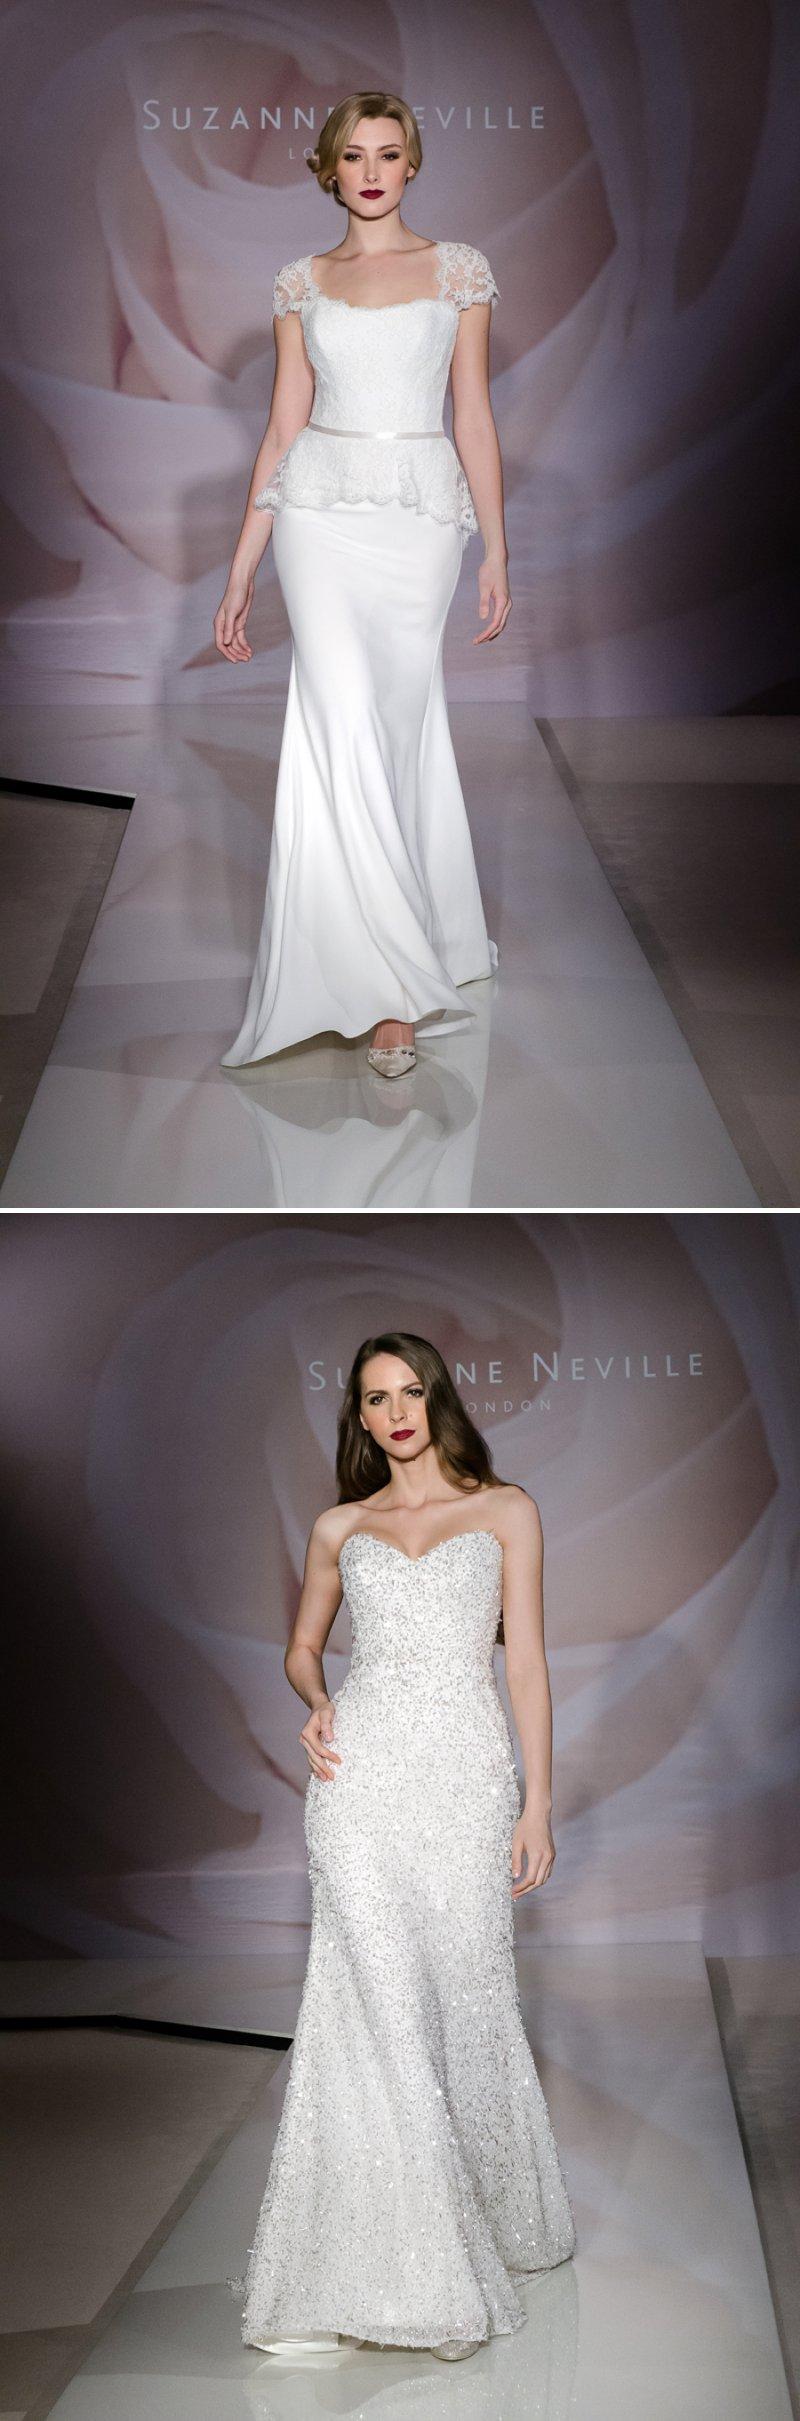 Athena Wedding Dress 66 New